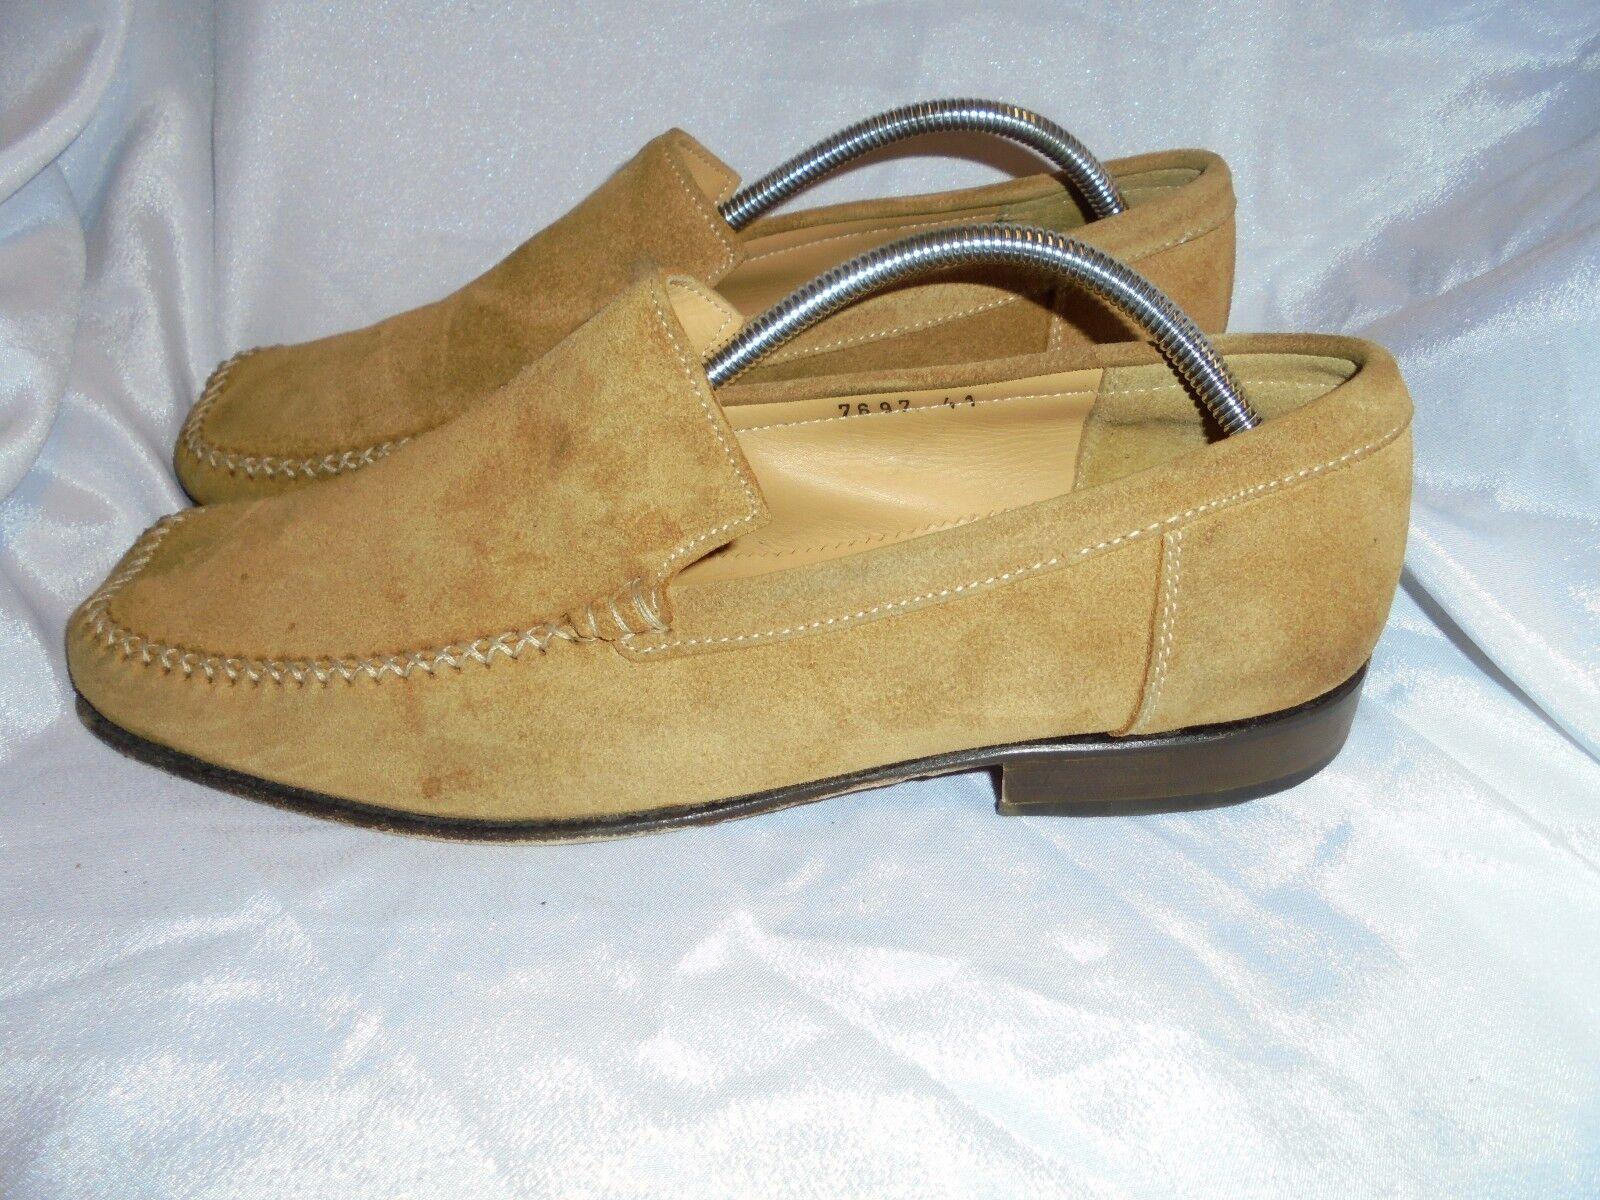 Russell & Bromley Para mujers En ante Mocasín Cuero Zapatos Talla en muy buena condición